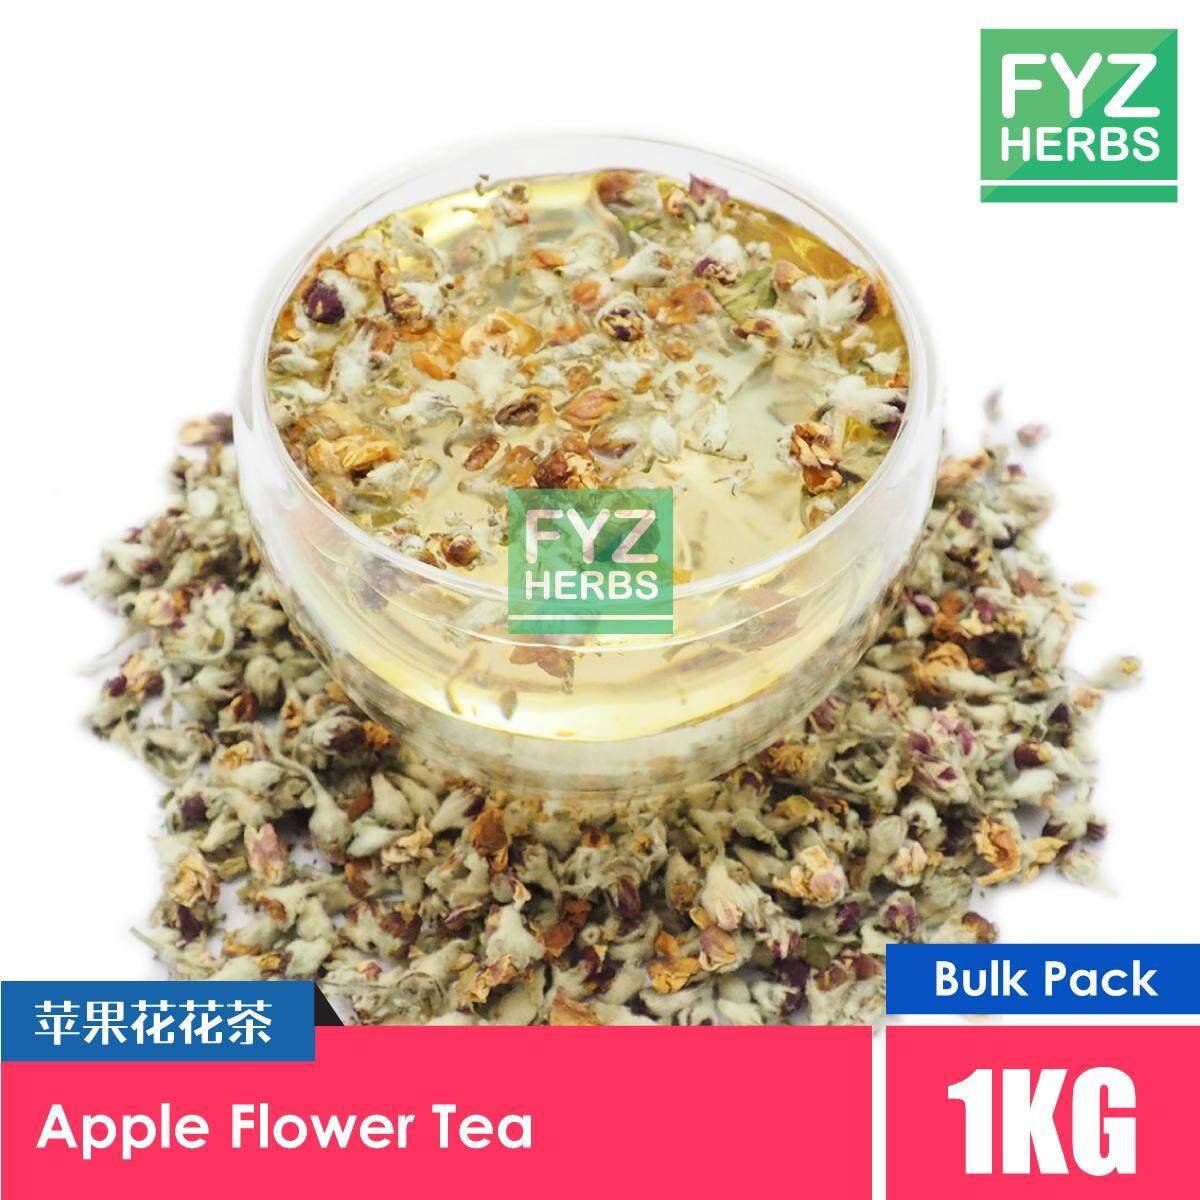 FYZ Herbs Apple Flower Tea 1KG [Bulk Pack] 苹果花花茶袋装 1KG